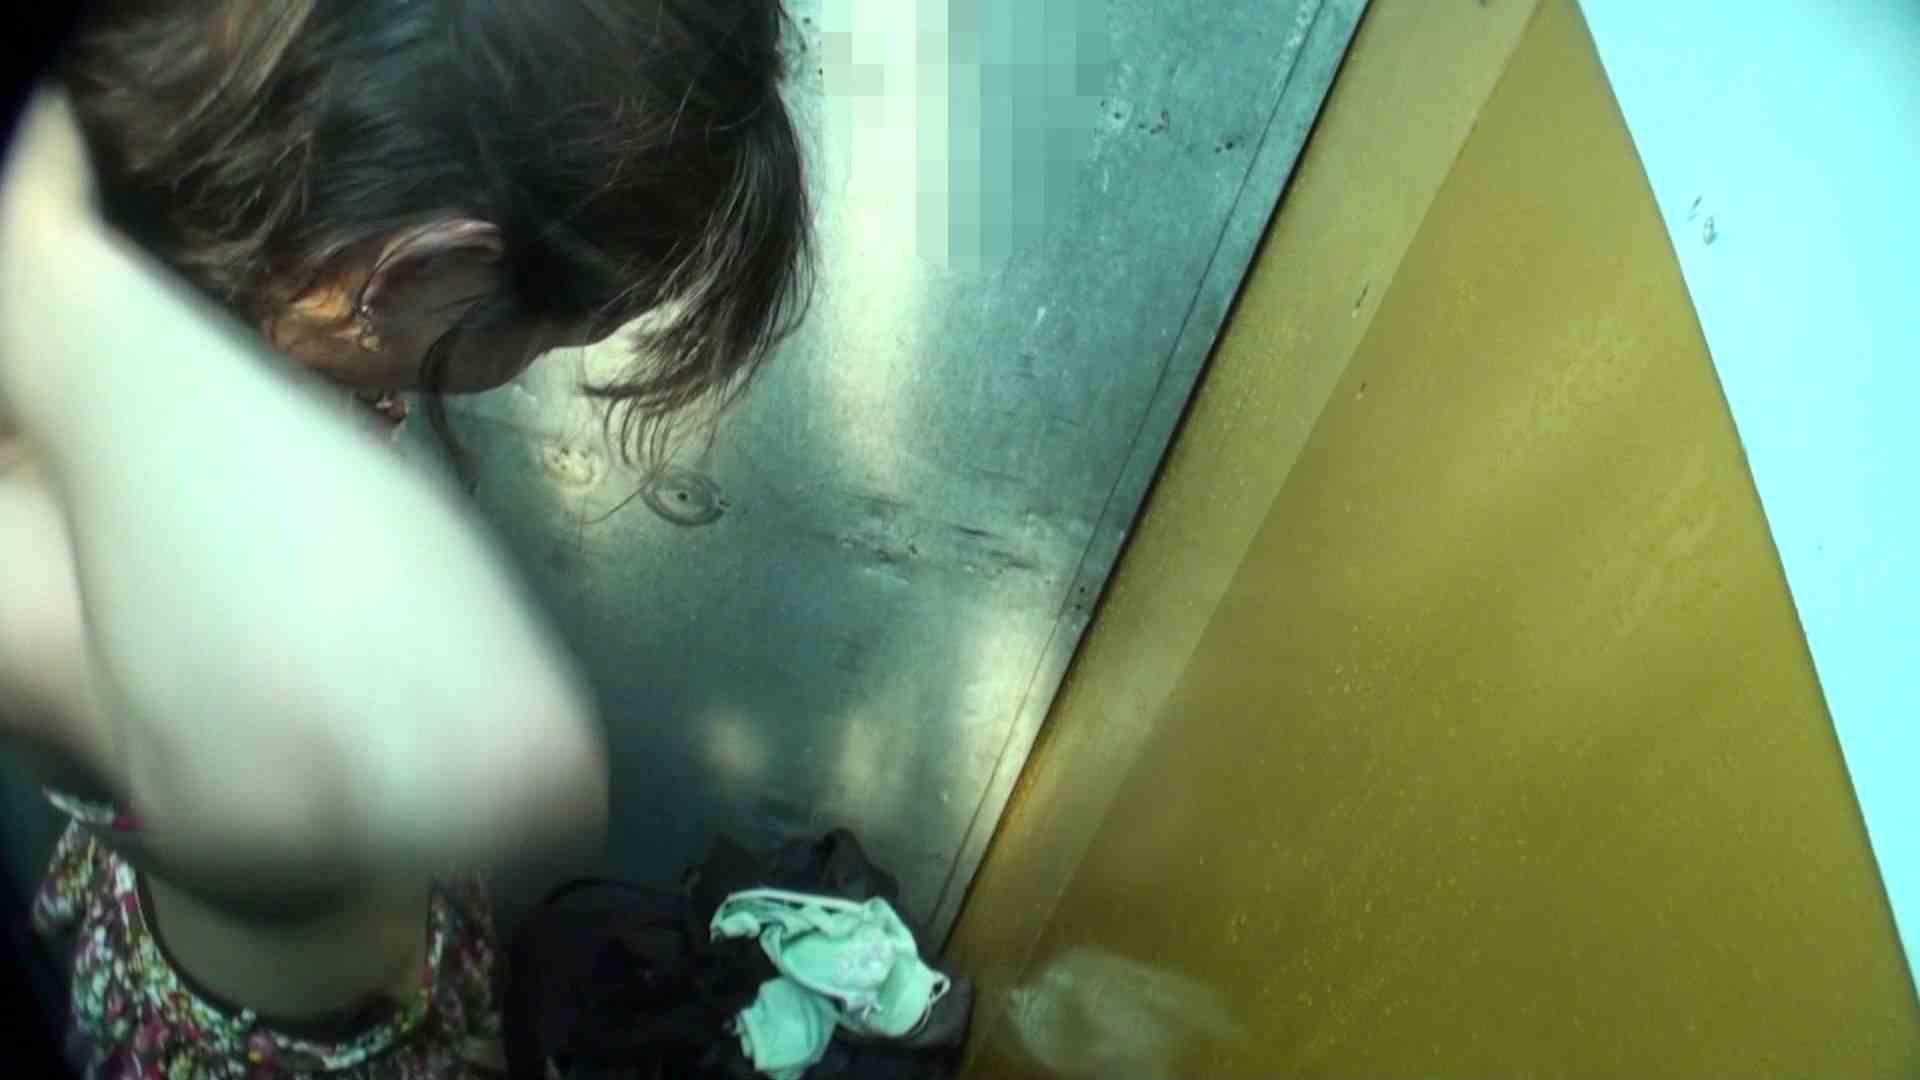 シャワールームは超!!危険な香りVol.16 意外に乳首は年増のそれ 乳首  61pic 24